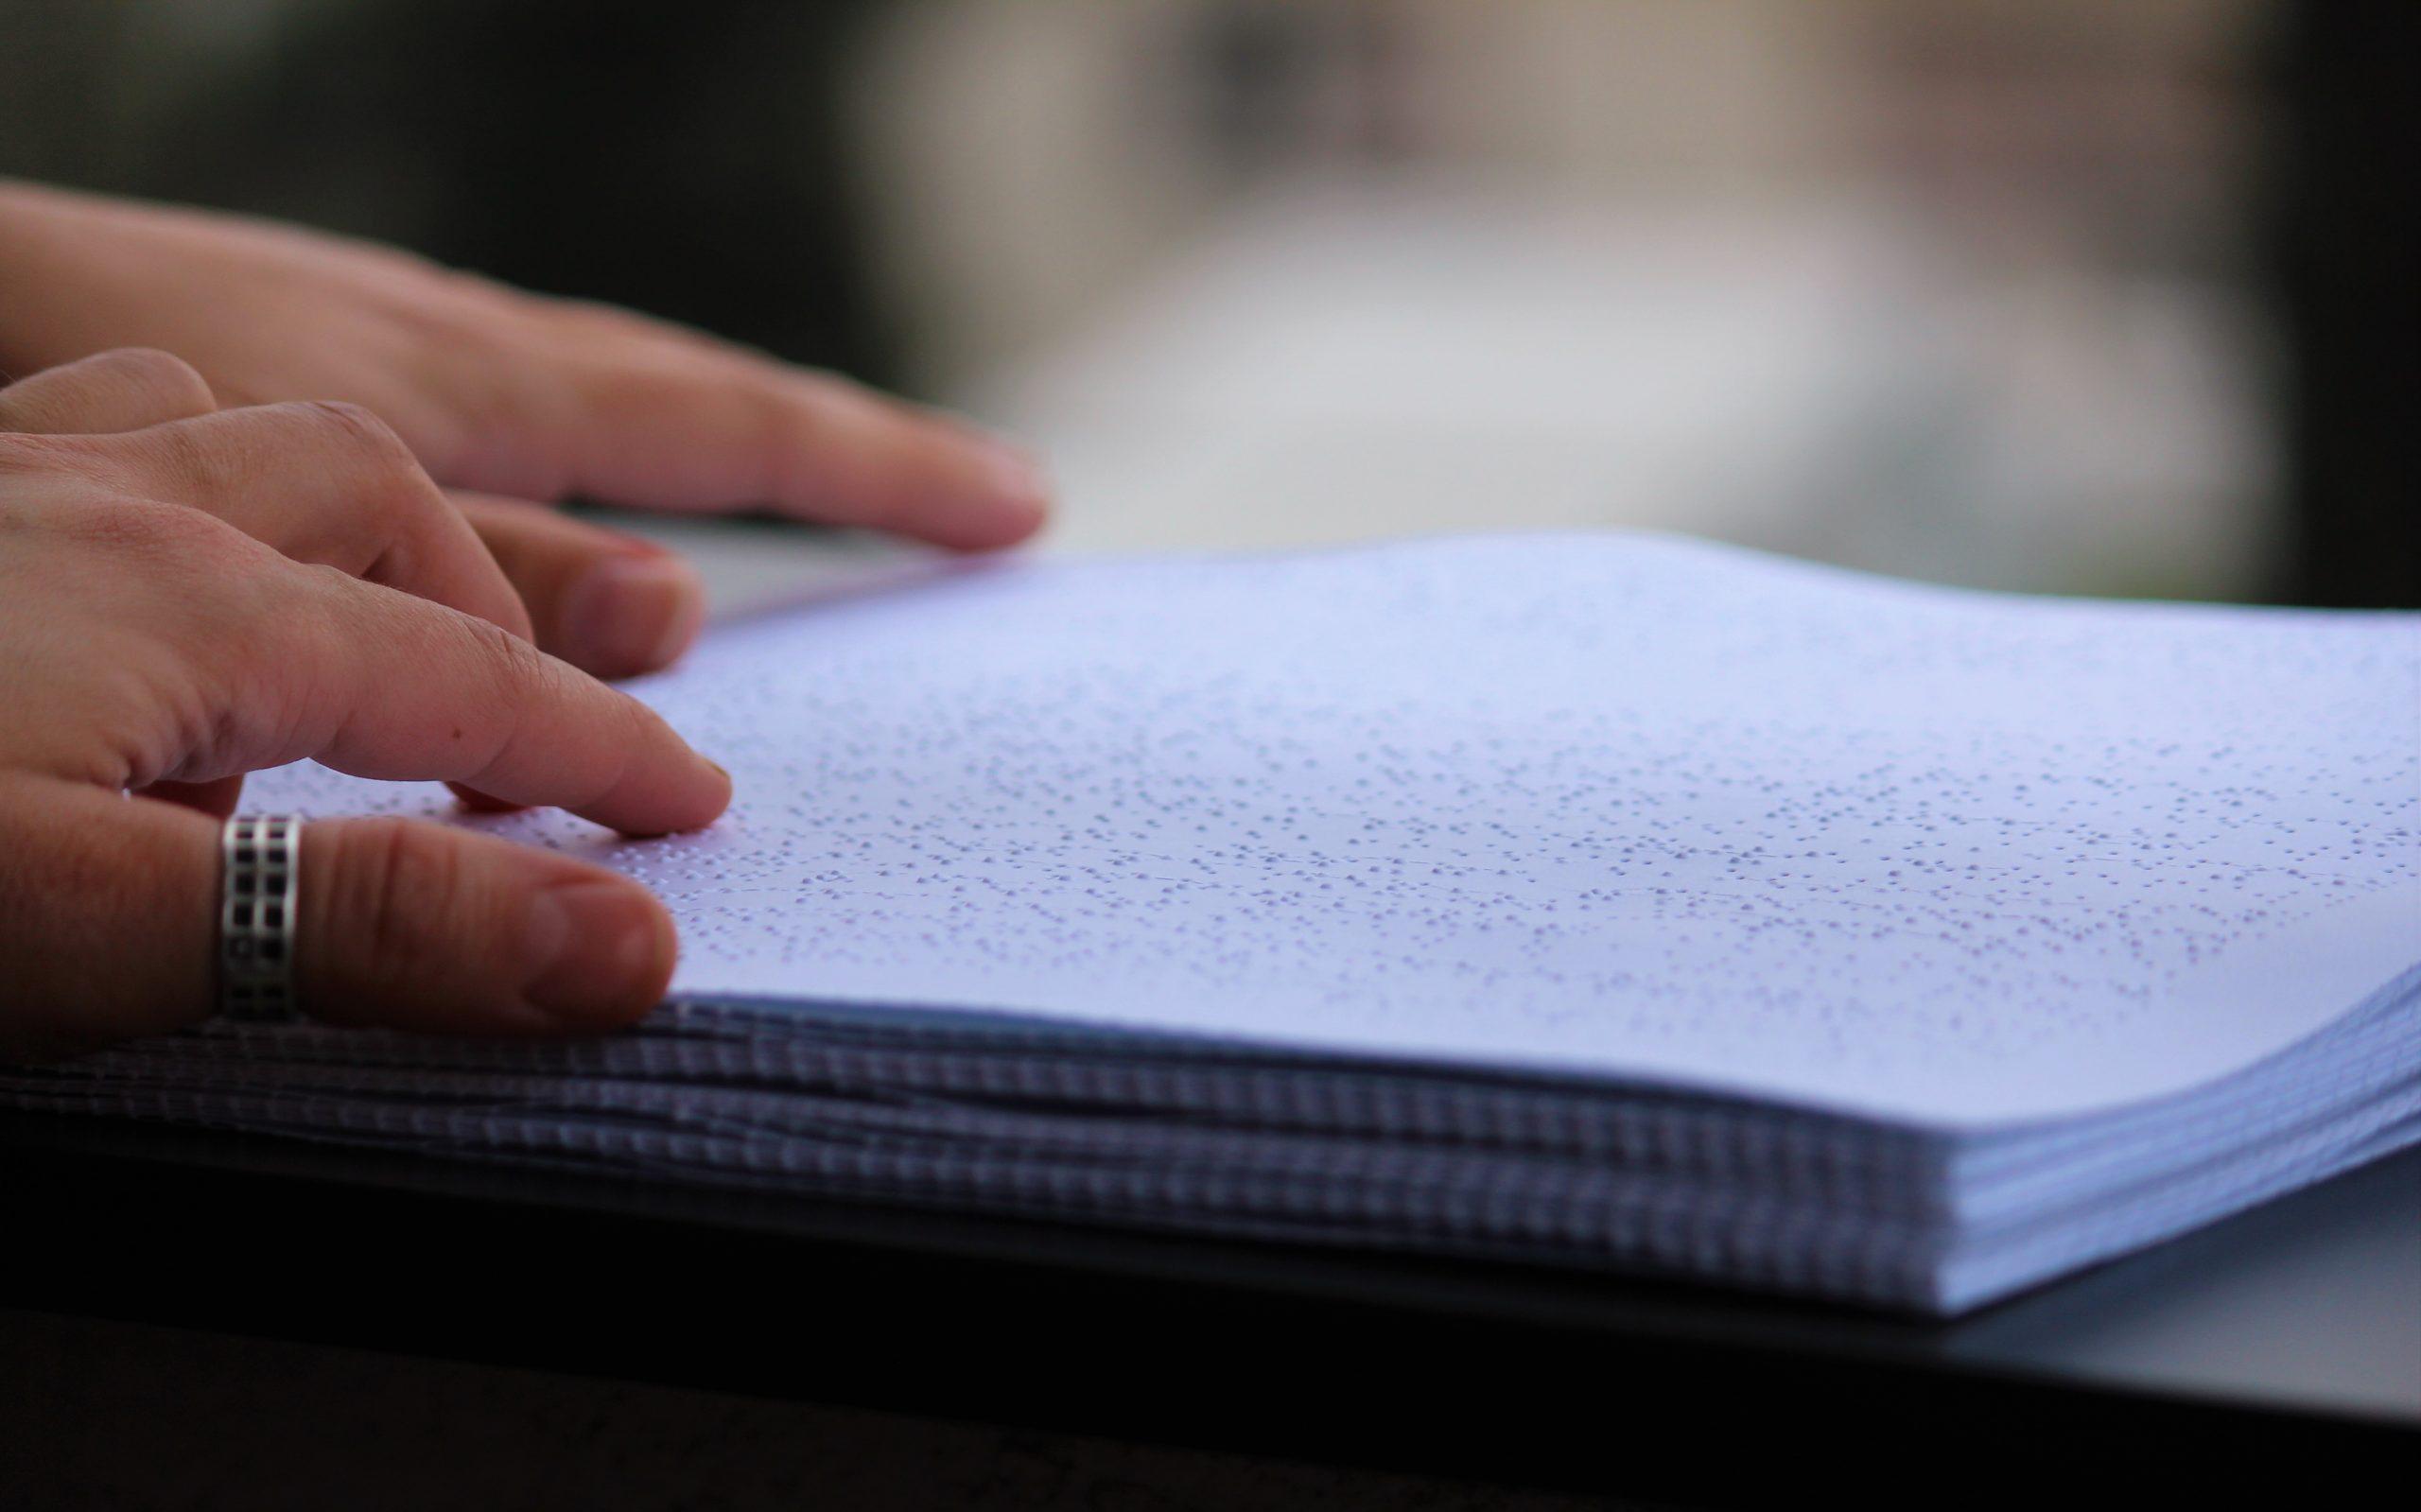 Основни информации за семејно насилство за лица со попреченост и даватели на услуги на Брајово писмо и во лесно разбирлив формат